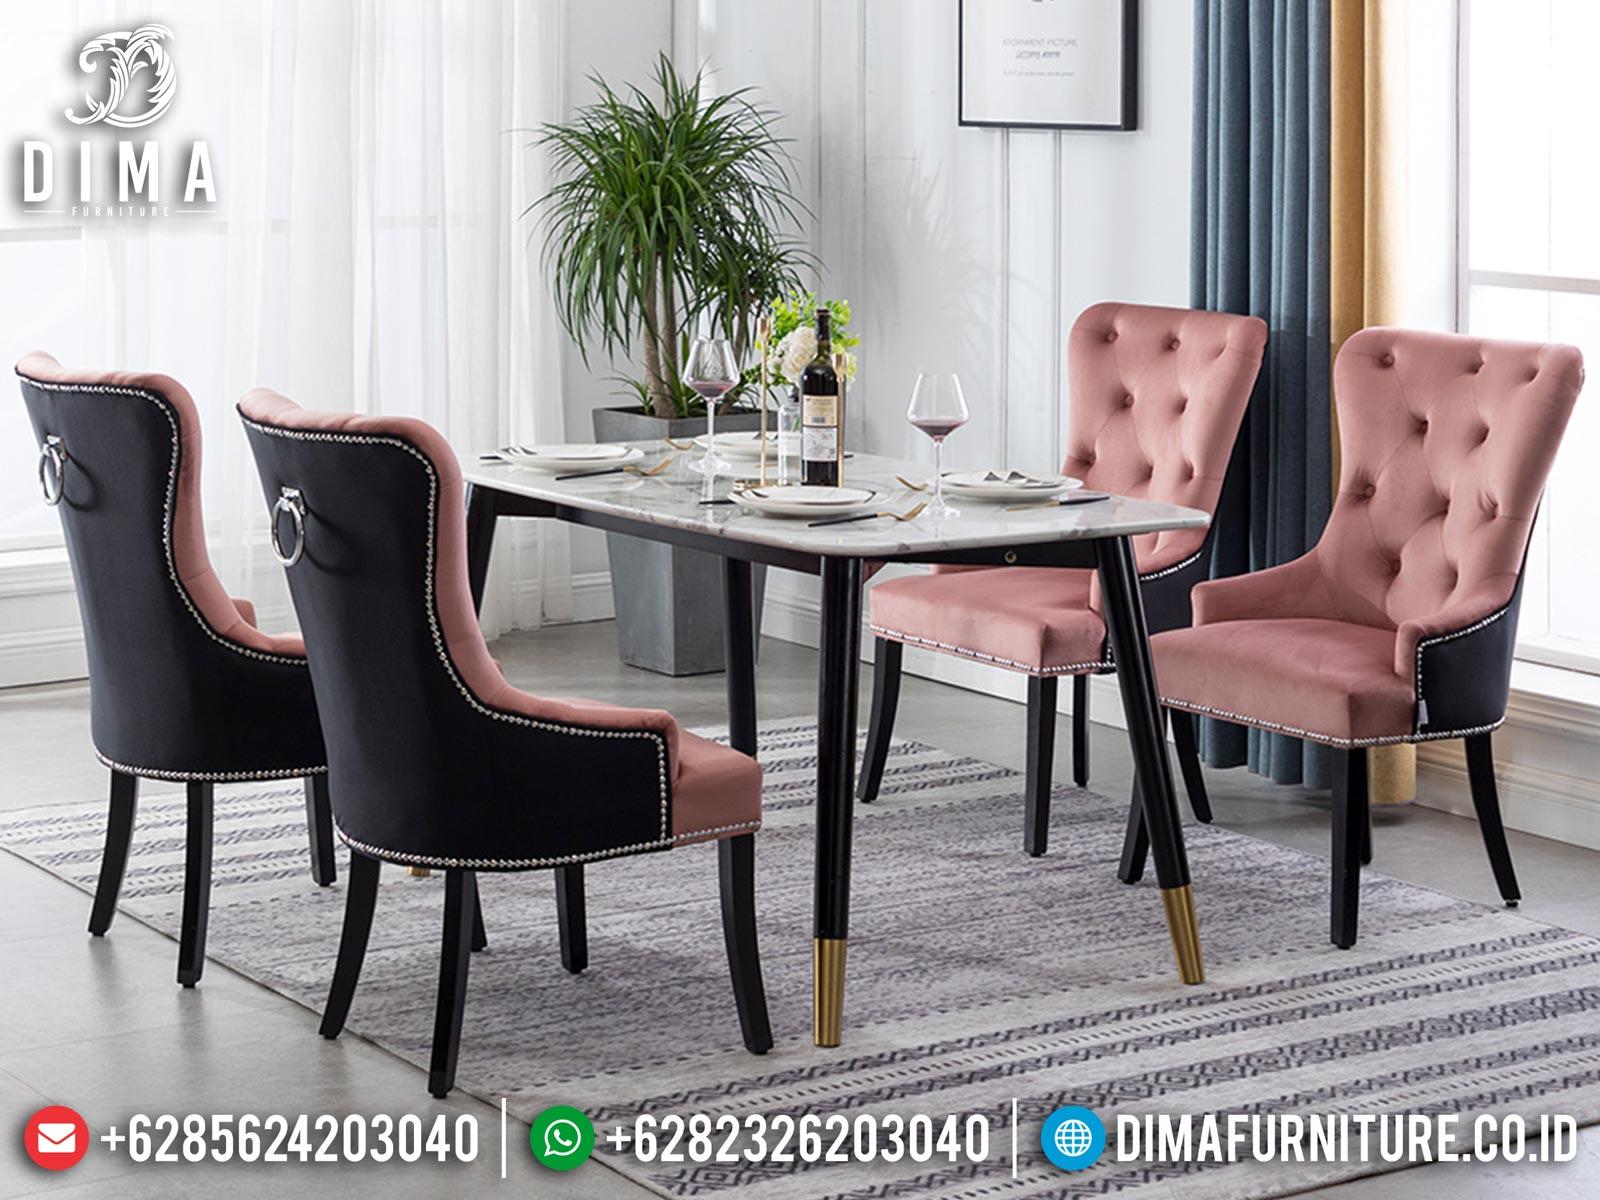 Meja Makan Minimalis Kursi 4 Luxury Simple Design Furniture Jepara Mm-1045